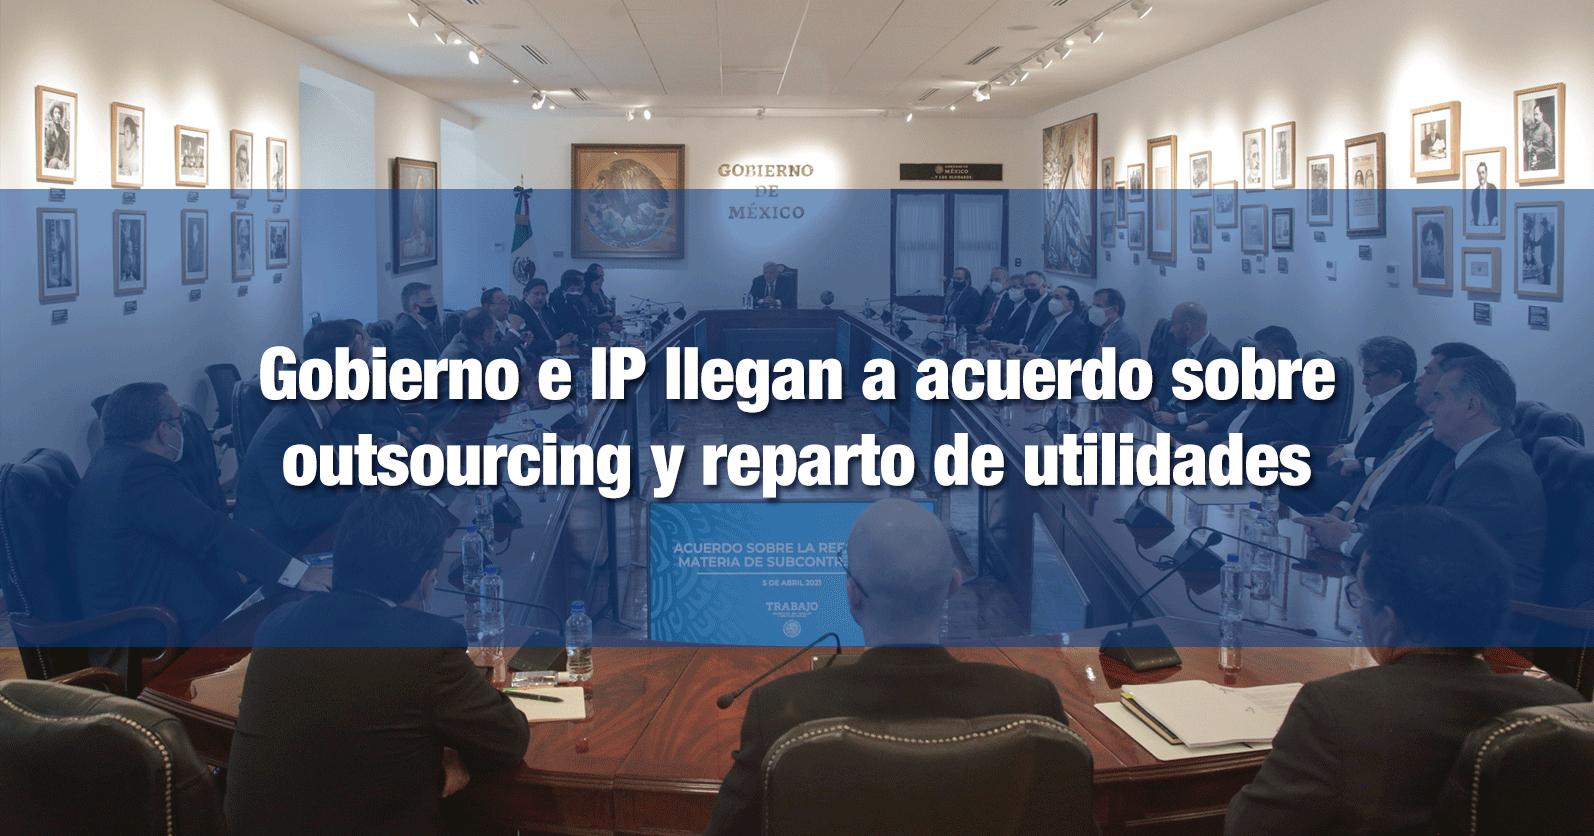 Gobierno e IP llegan a acuerdo sobre outsourcing y reparto de utilidades